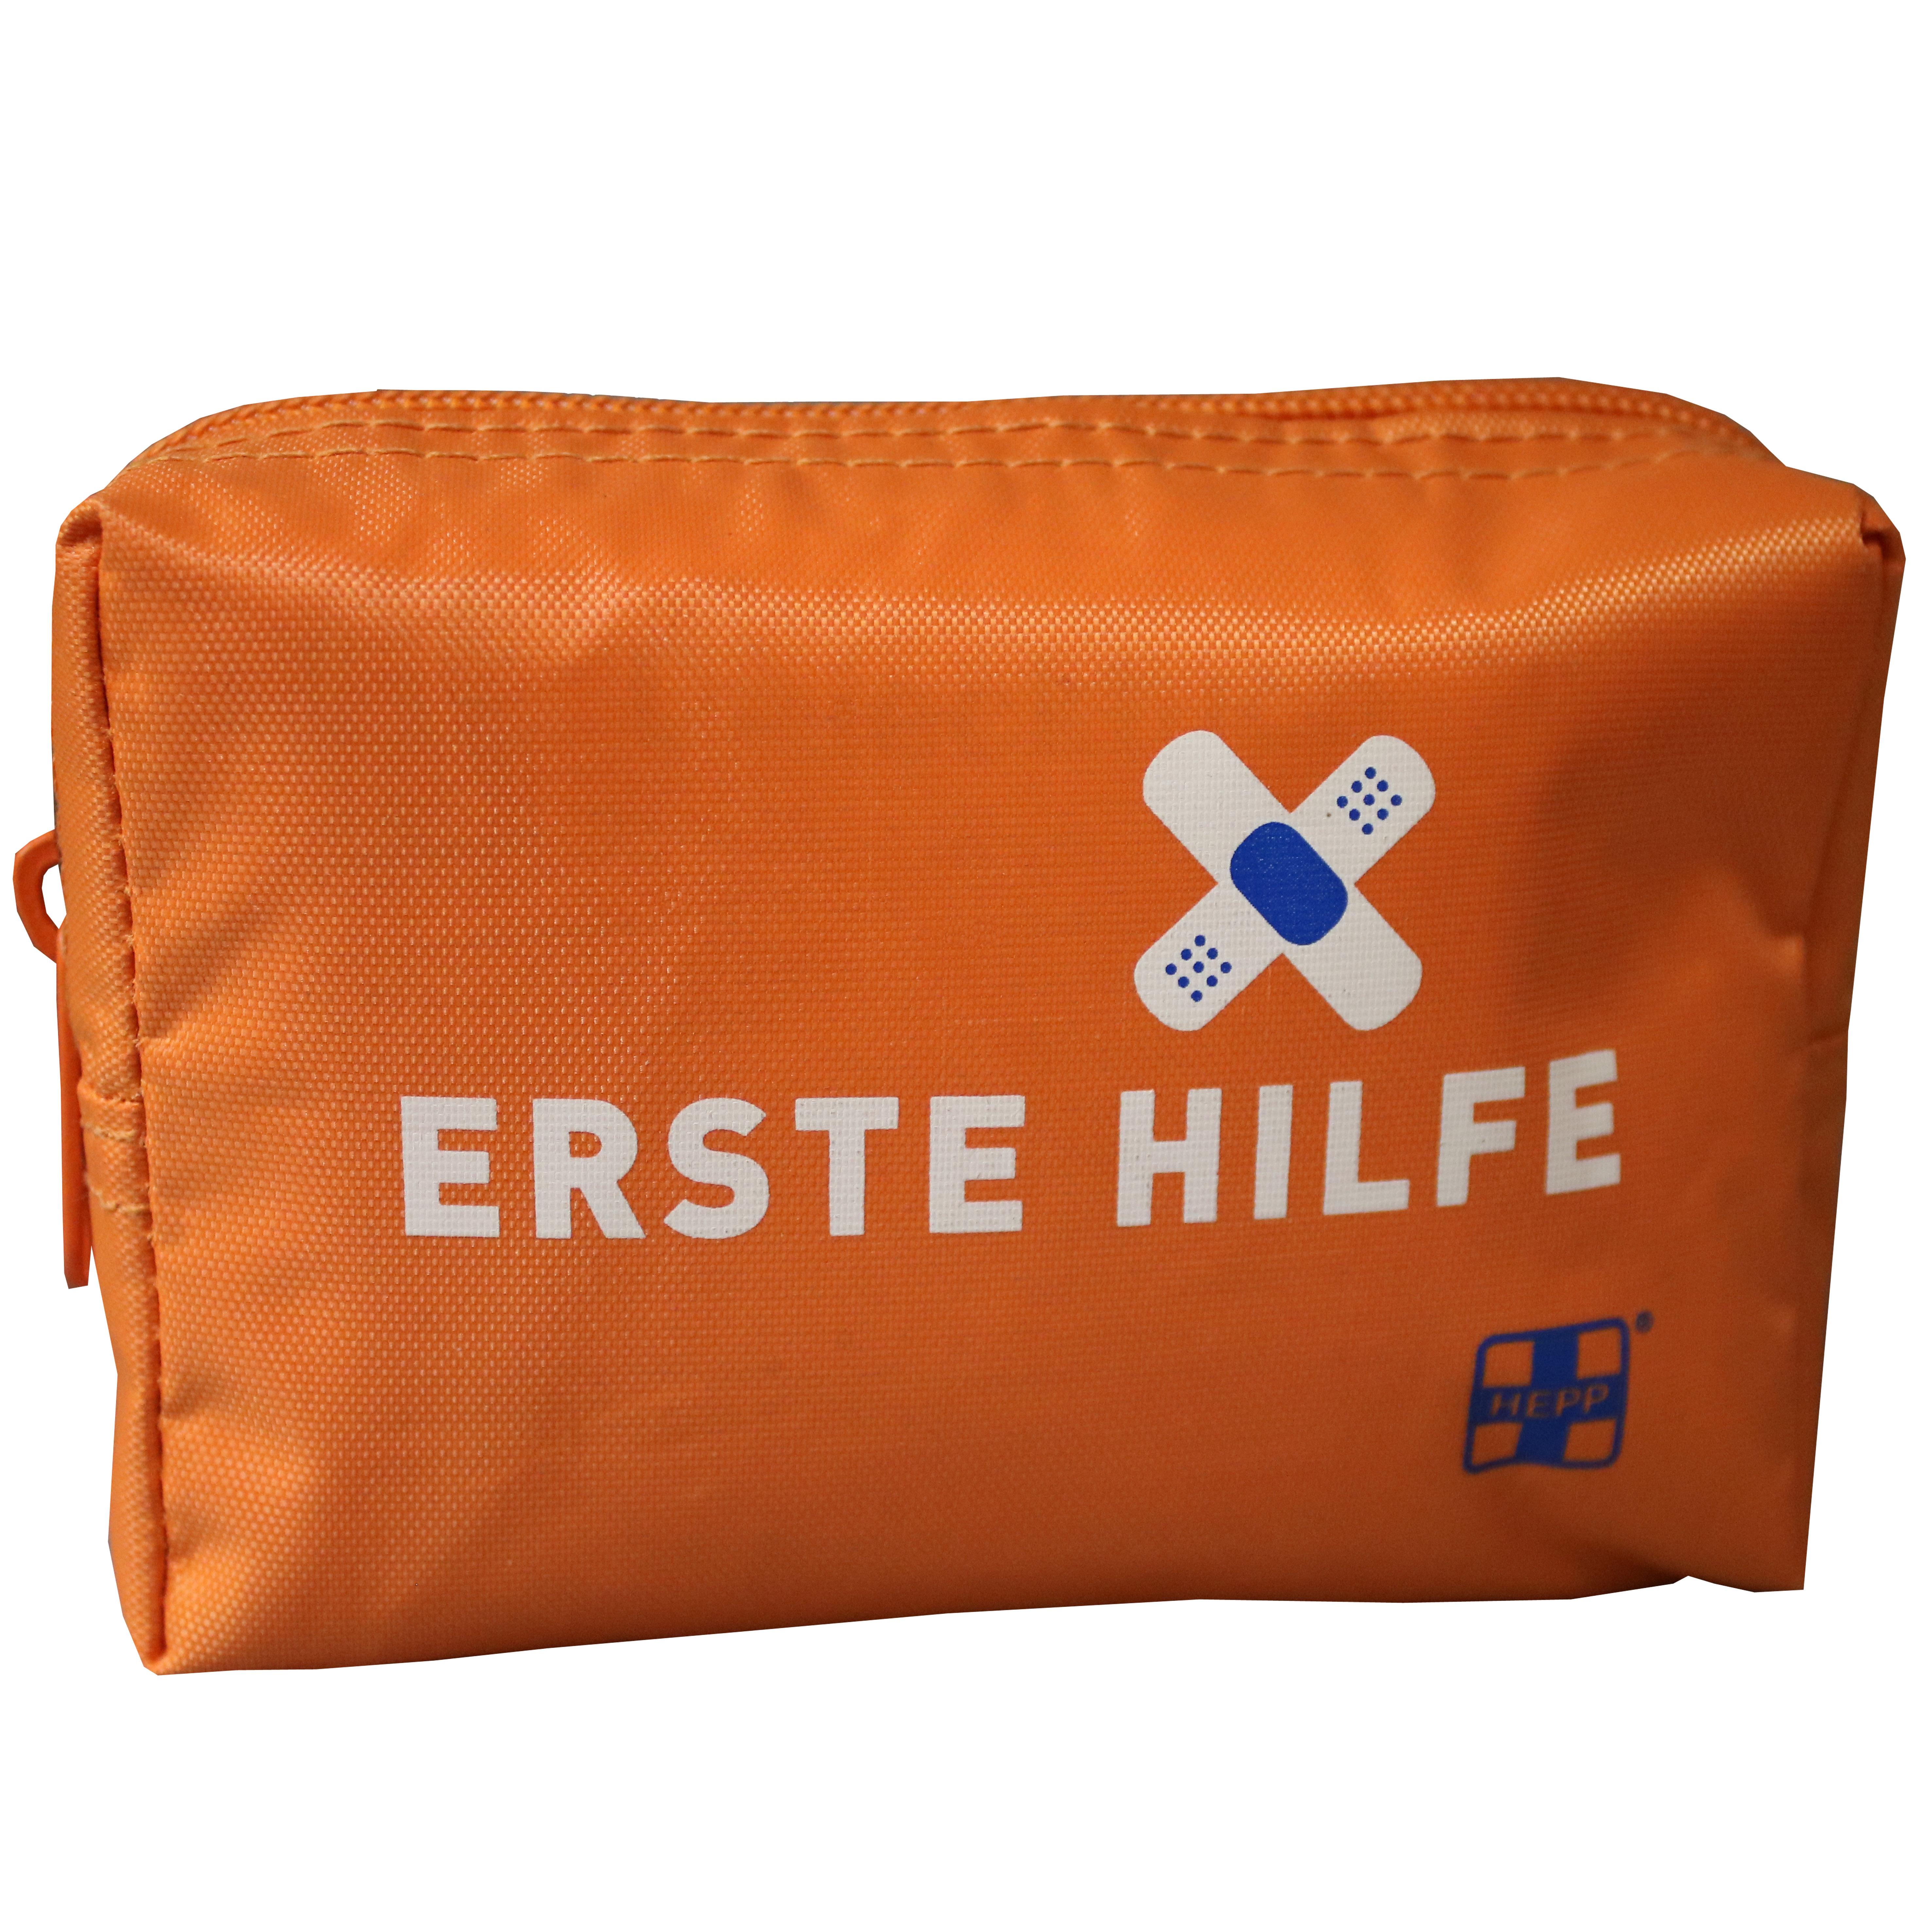 Erste Hilfe Tasche / First aid pocket